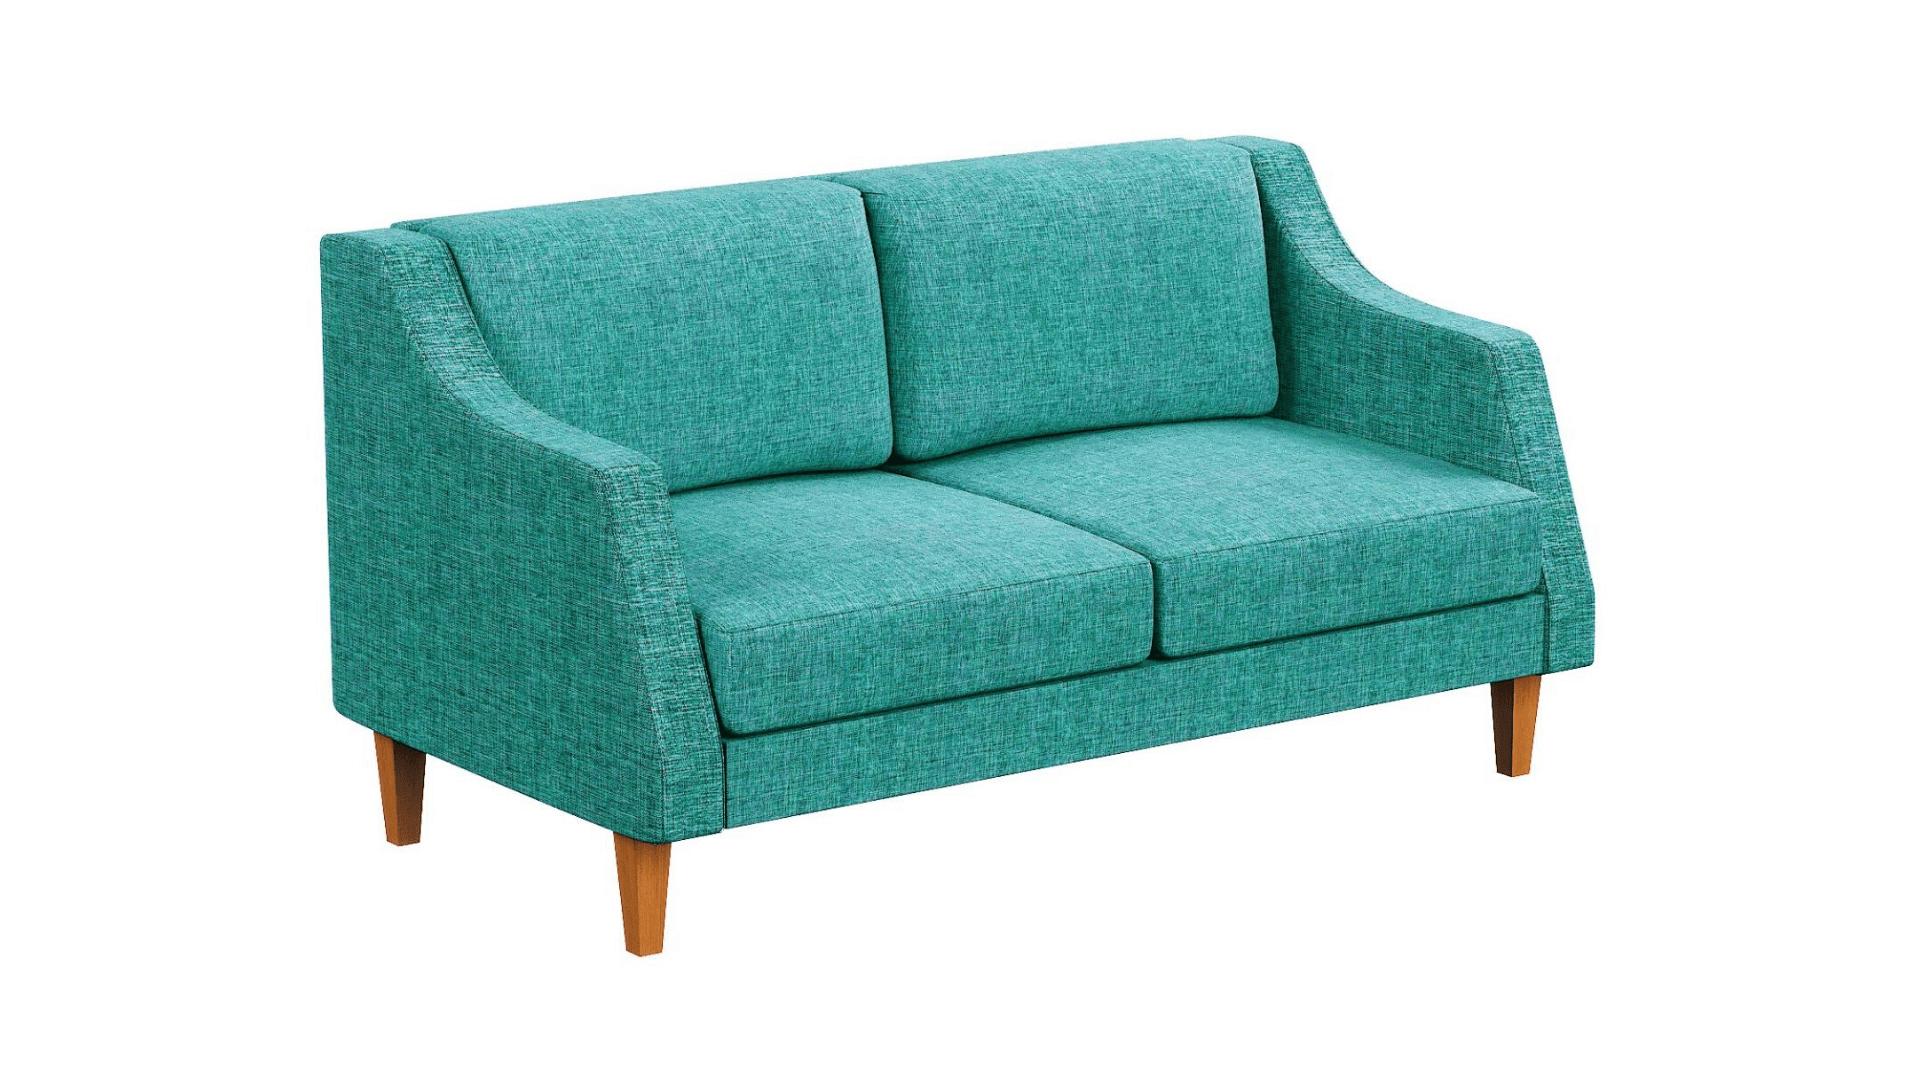 Jual Sofa Minimalis di Ende